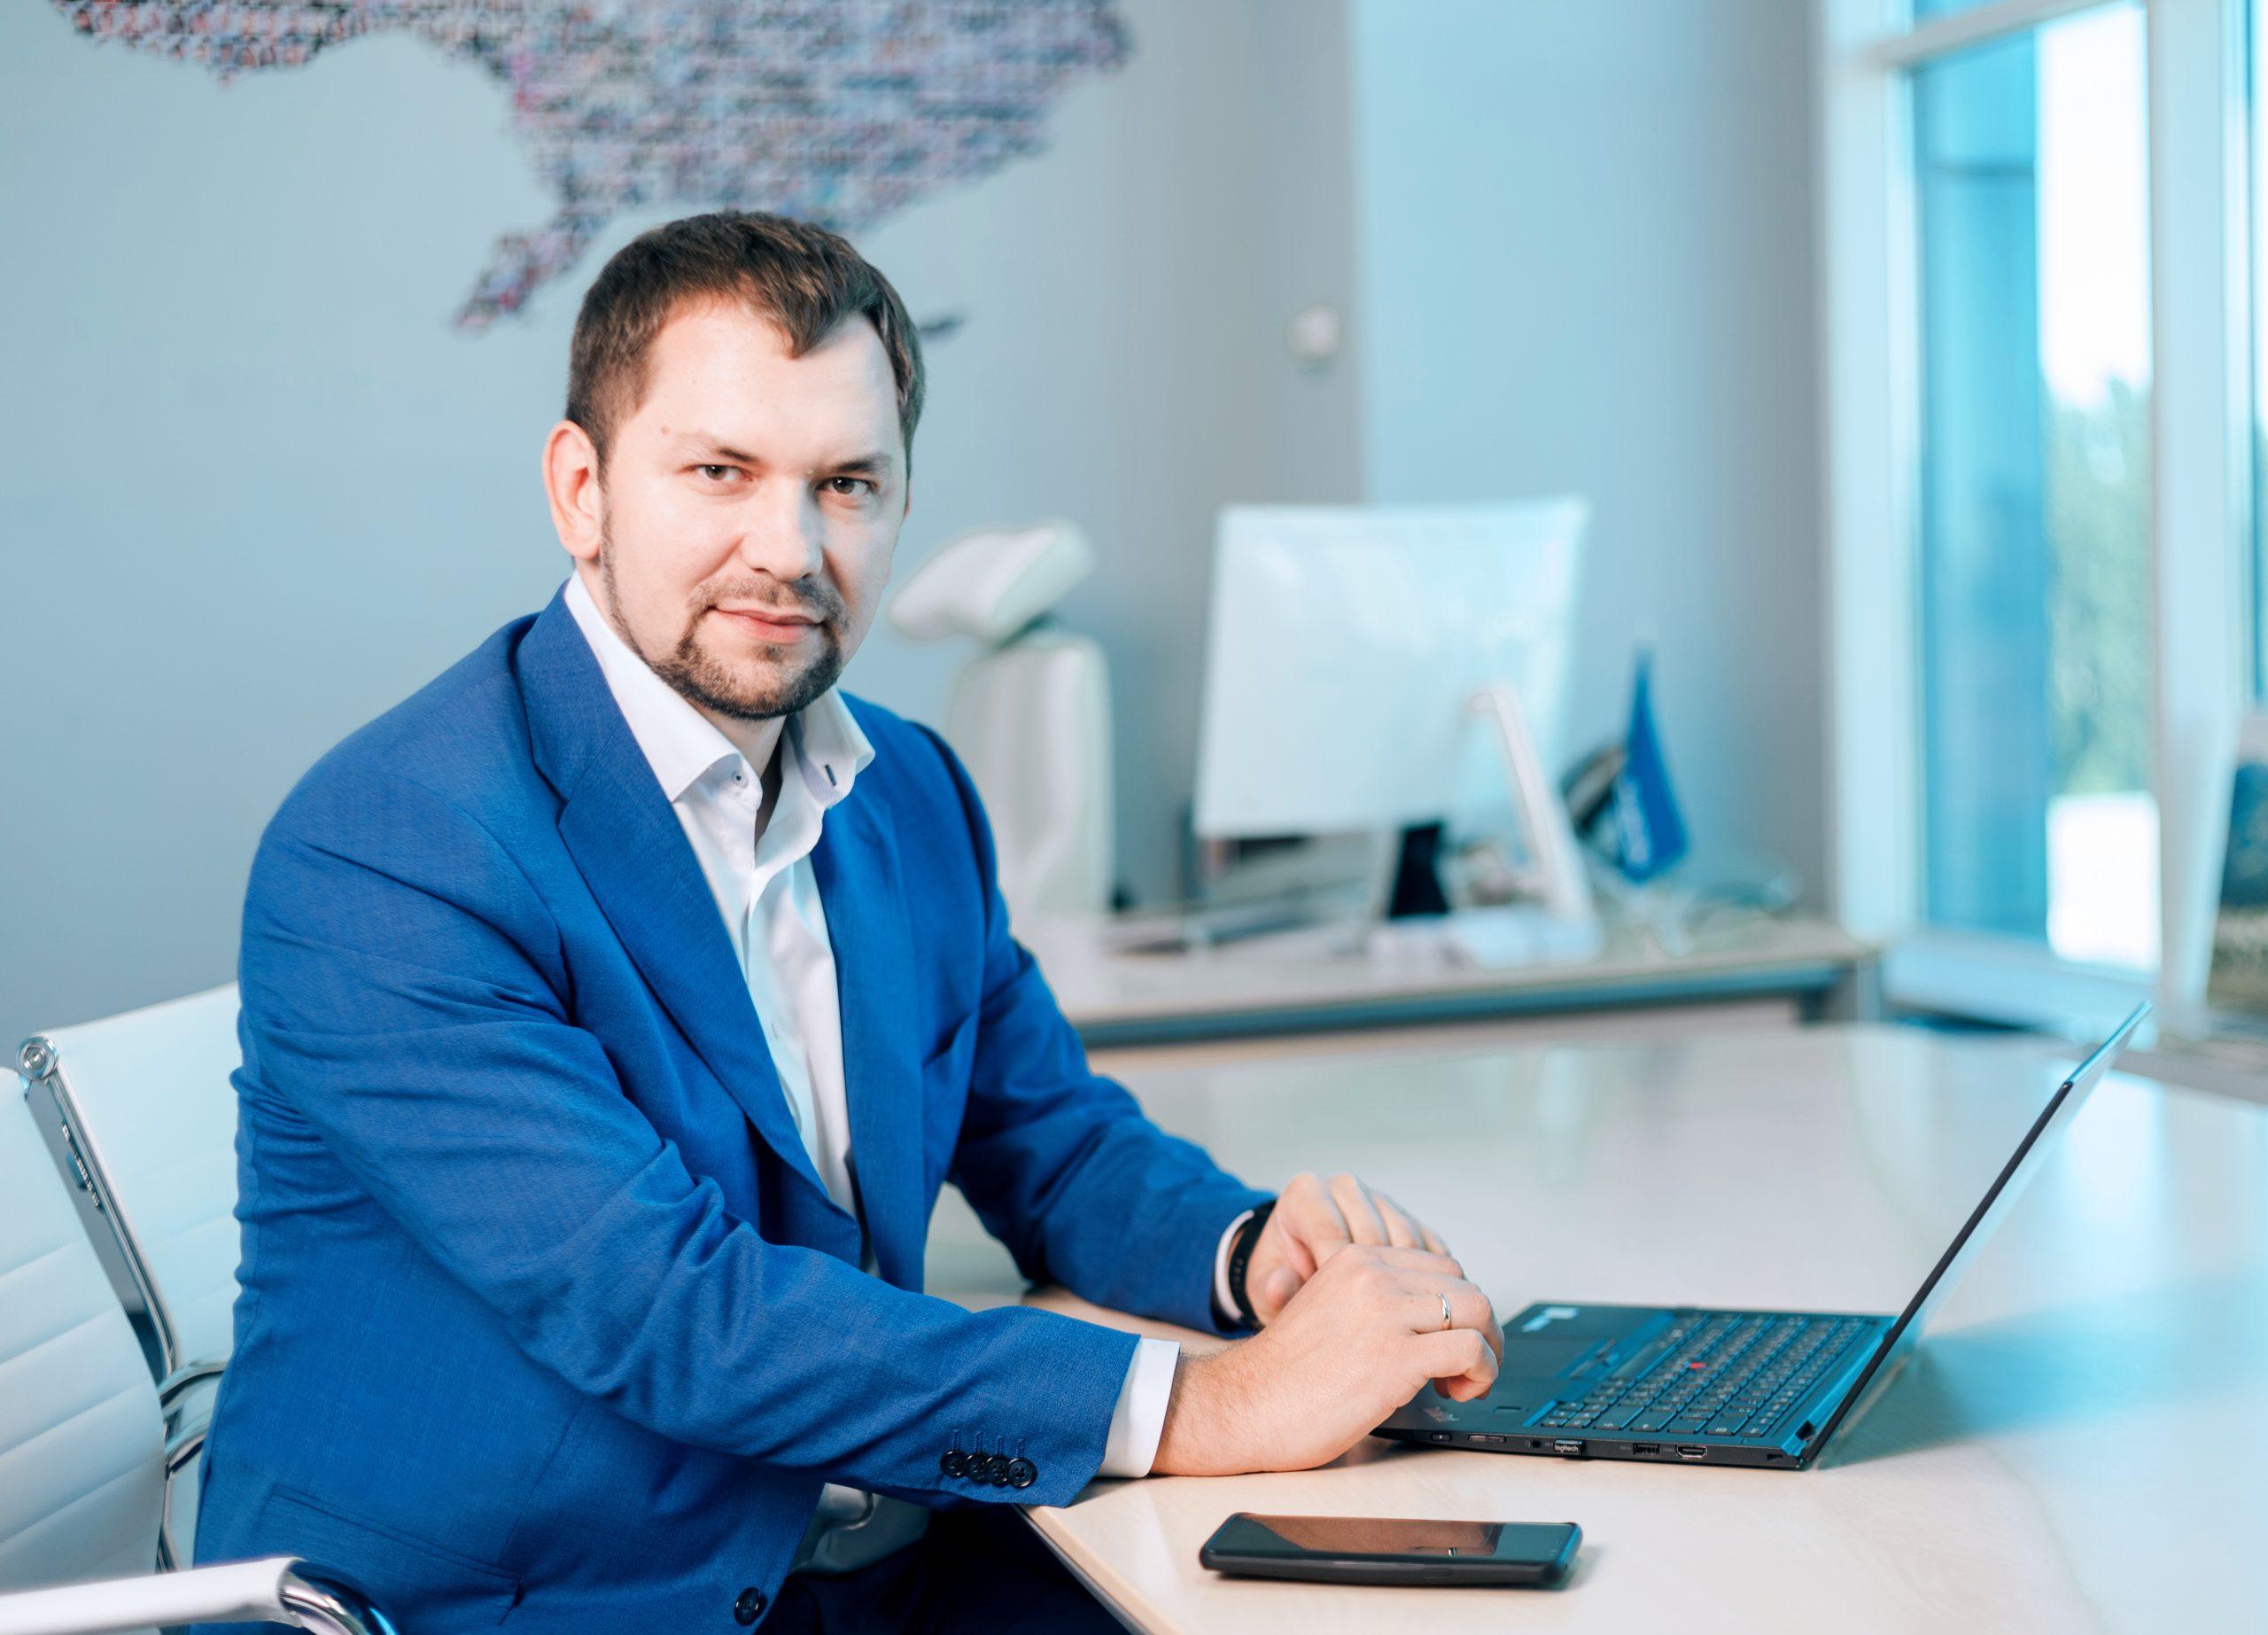 СИСТЕМНЫЙ ПОДХОД: генеральный директор «Датагруп» Михаил Шелемба отом, какизклиента сделать партнера, аизинноваций— доход